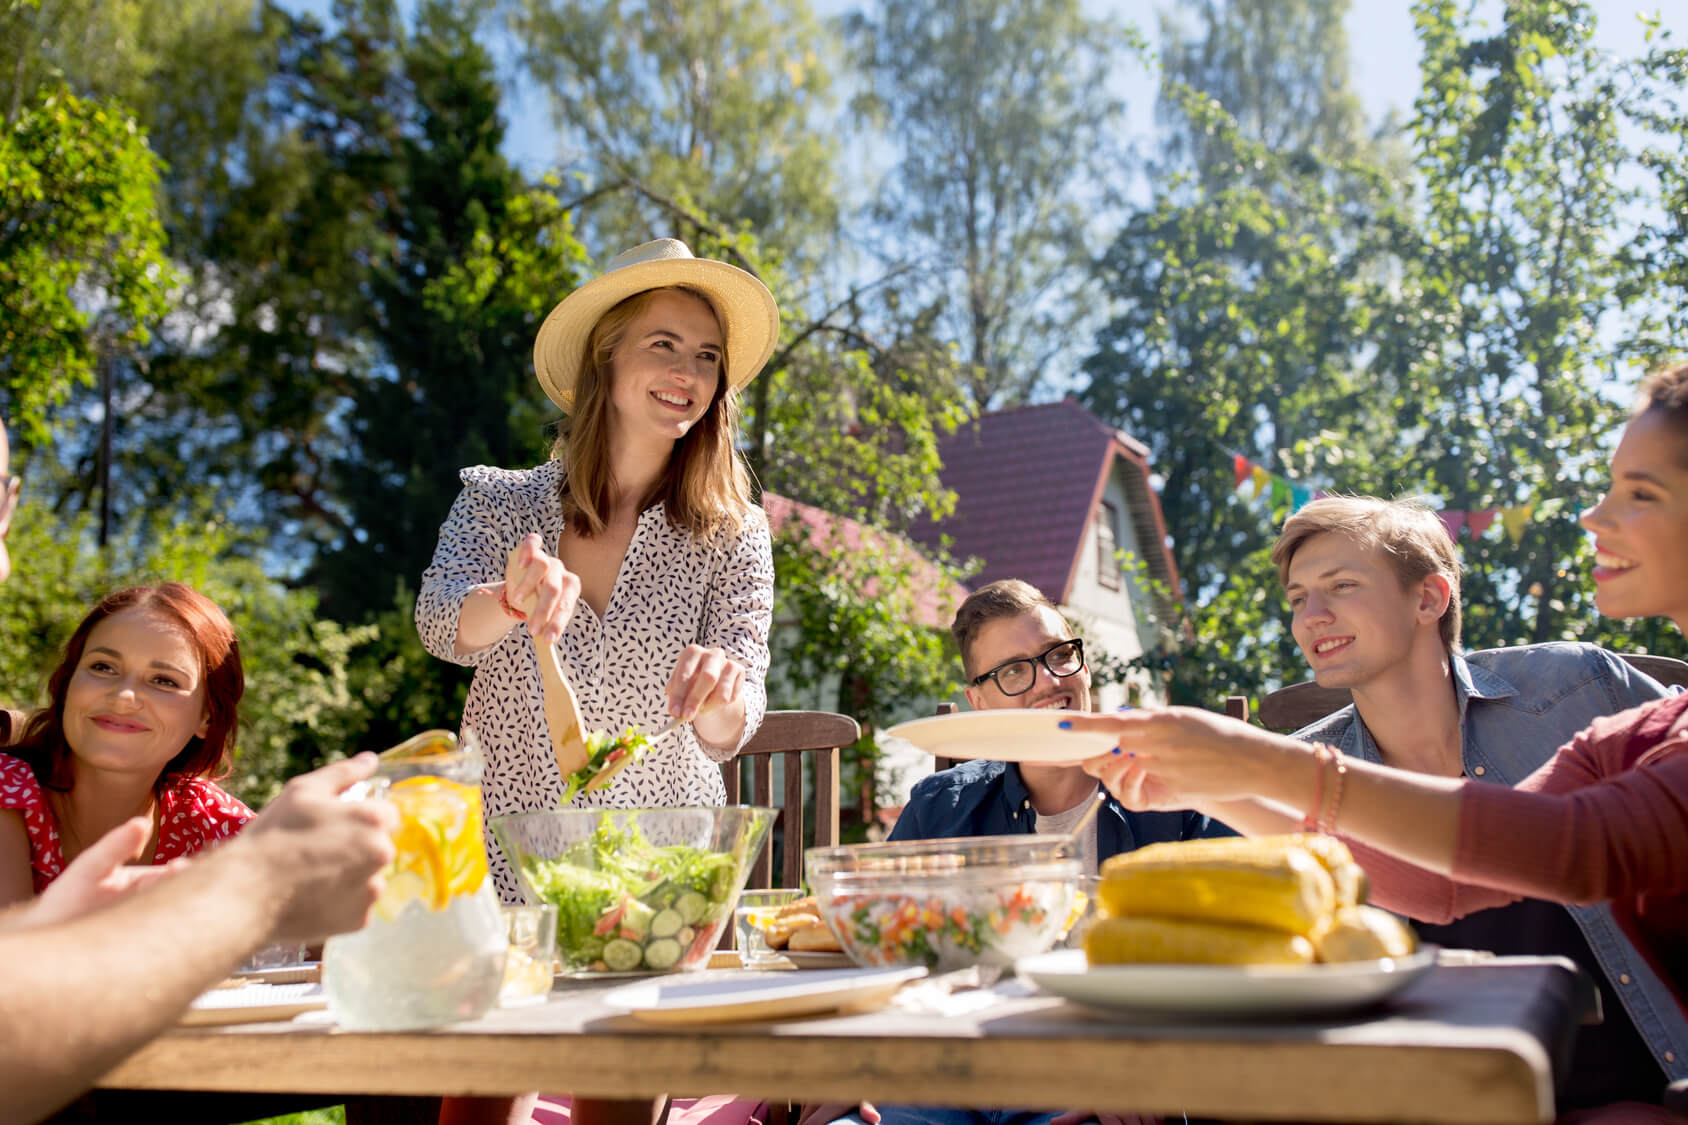 Grillparty organisieren Garten Salate zubereiten